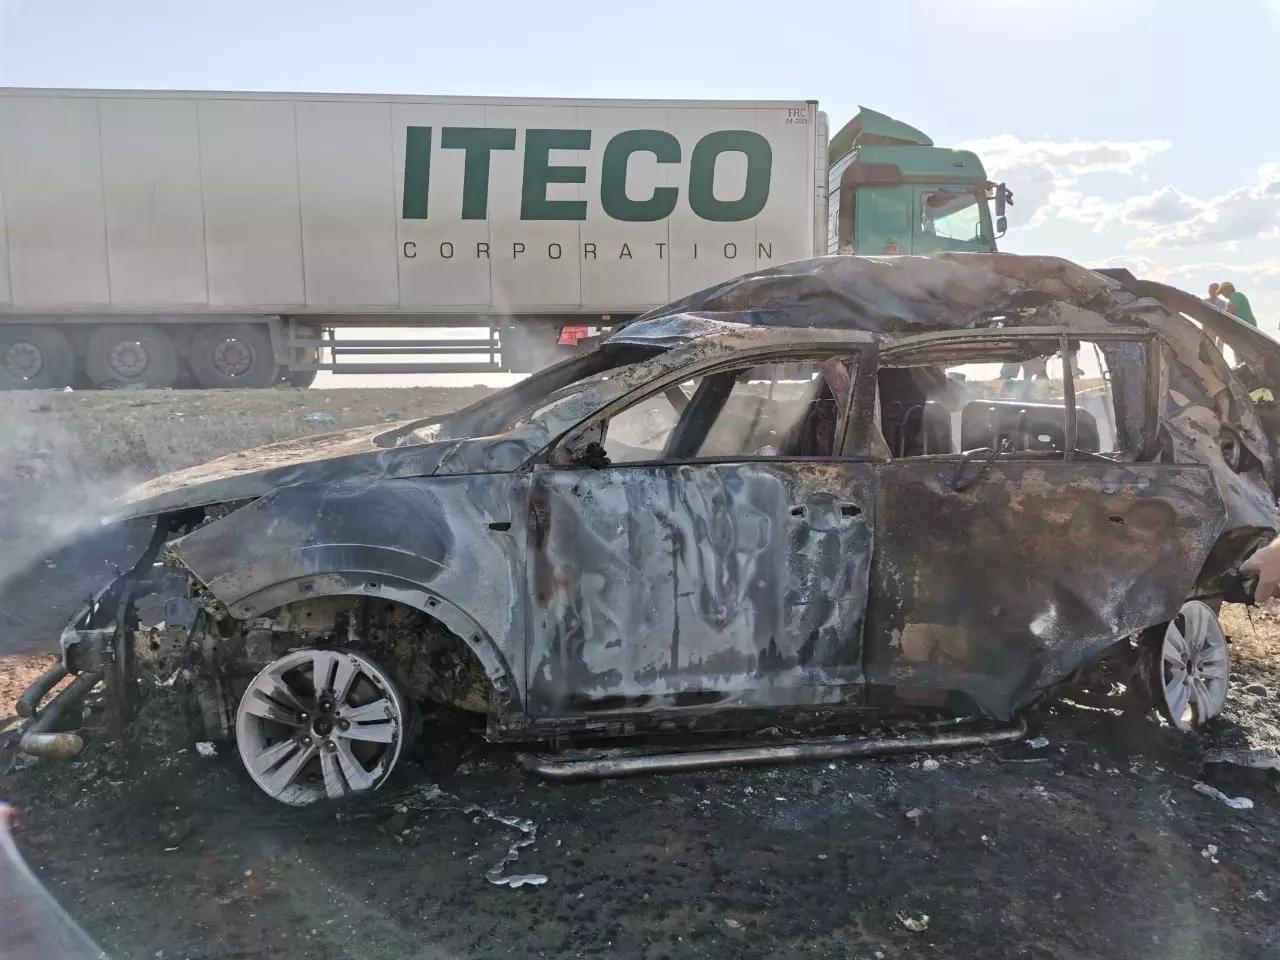 После столкновения на трассе четыре человека сгорели заживо в машине